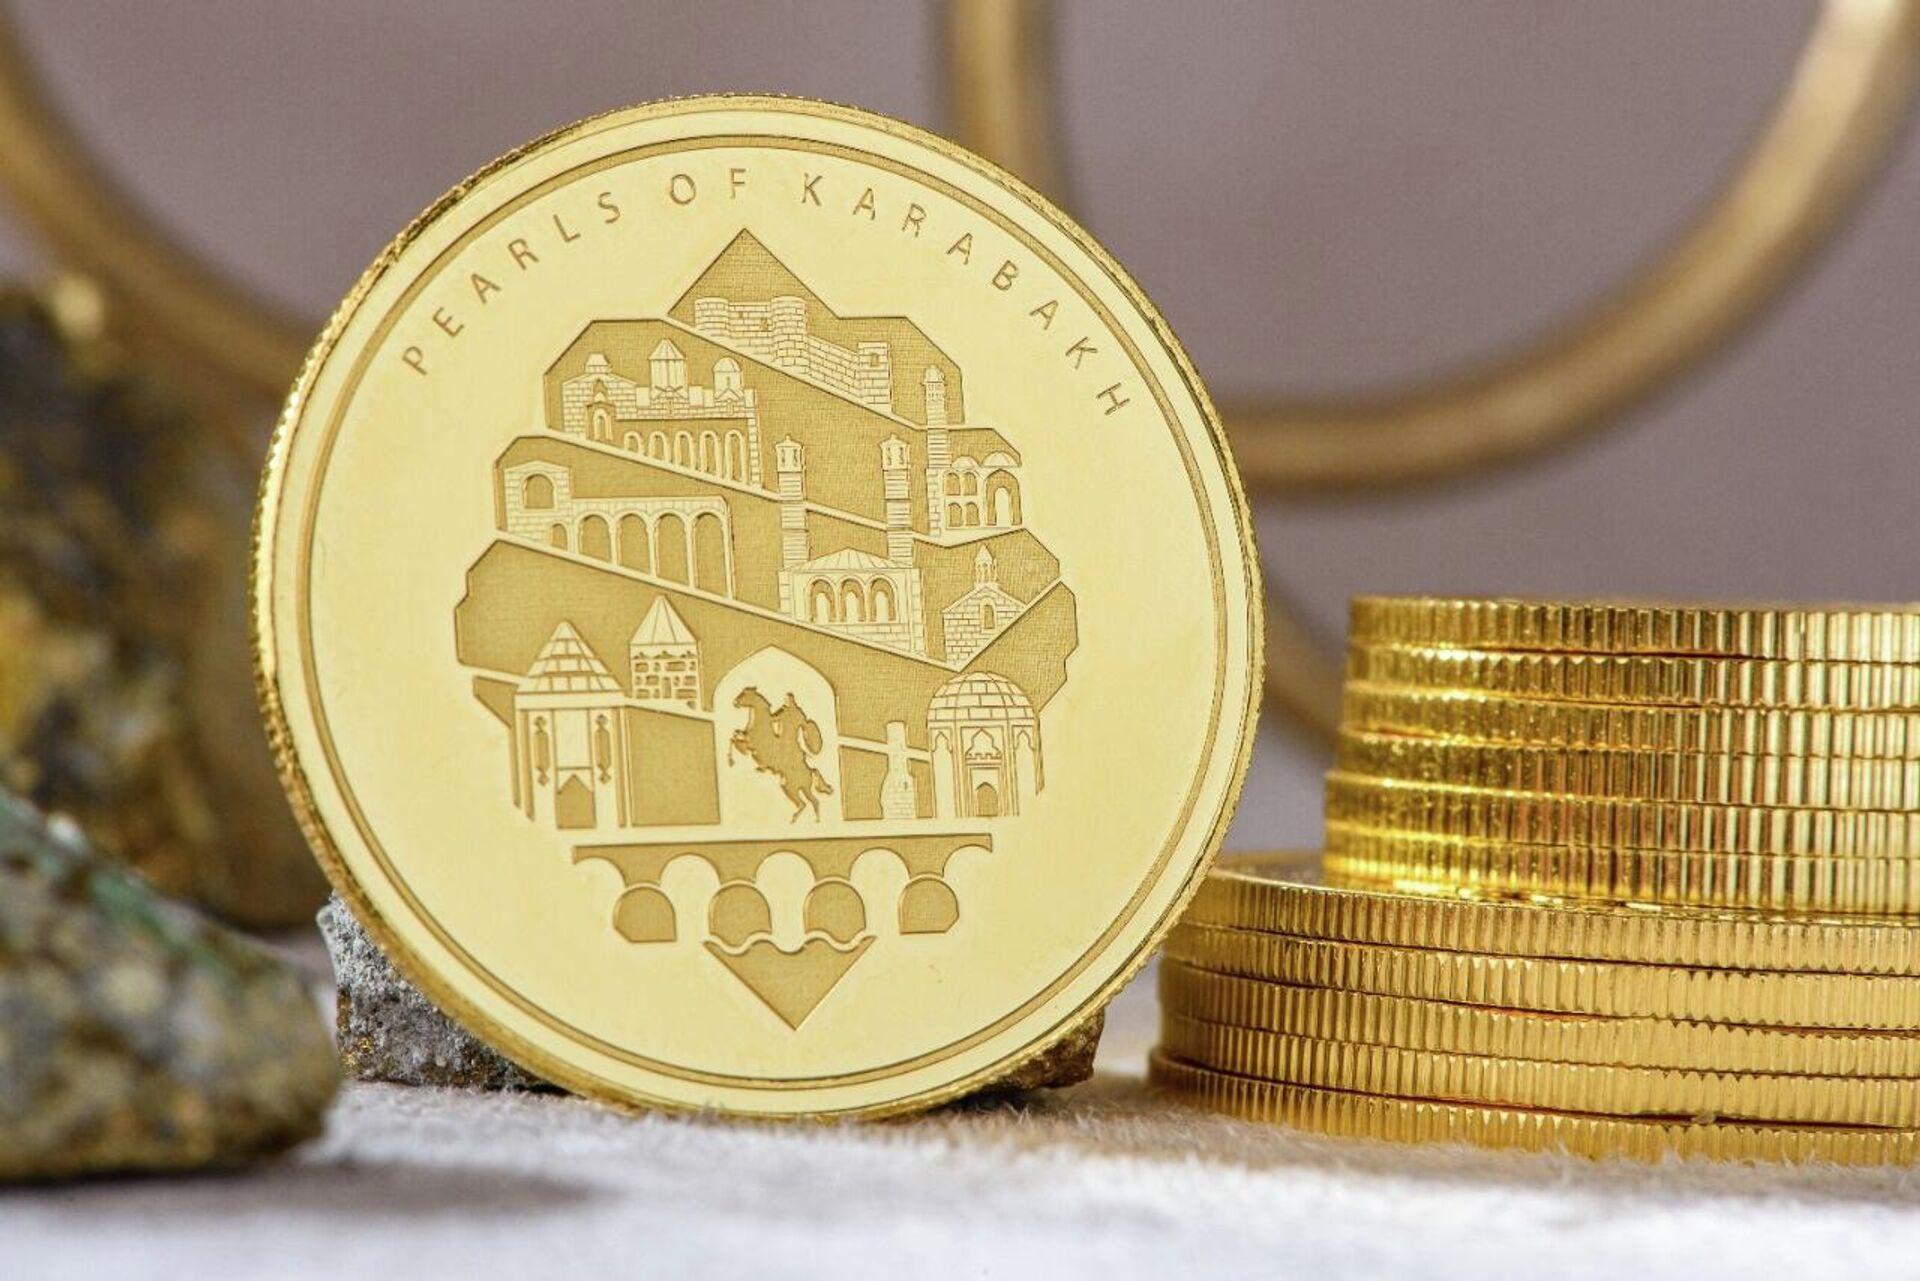 Серия золотых монет, посвященная победе Азербайджана во второй Карабахской войне - Sputnik Азербайджан, 1920, 13.10.2021